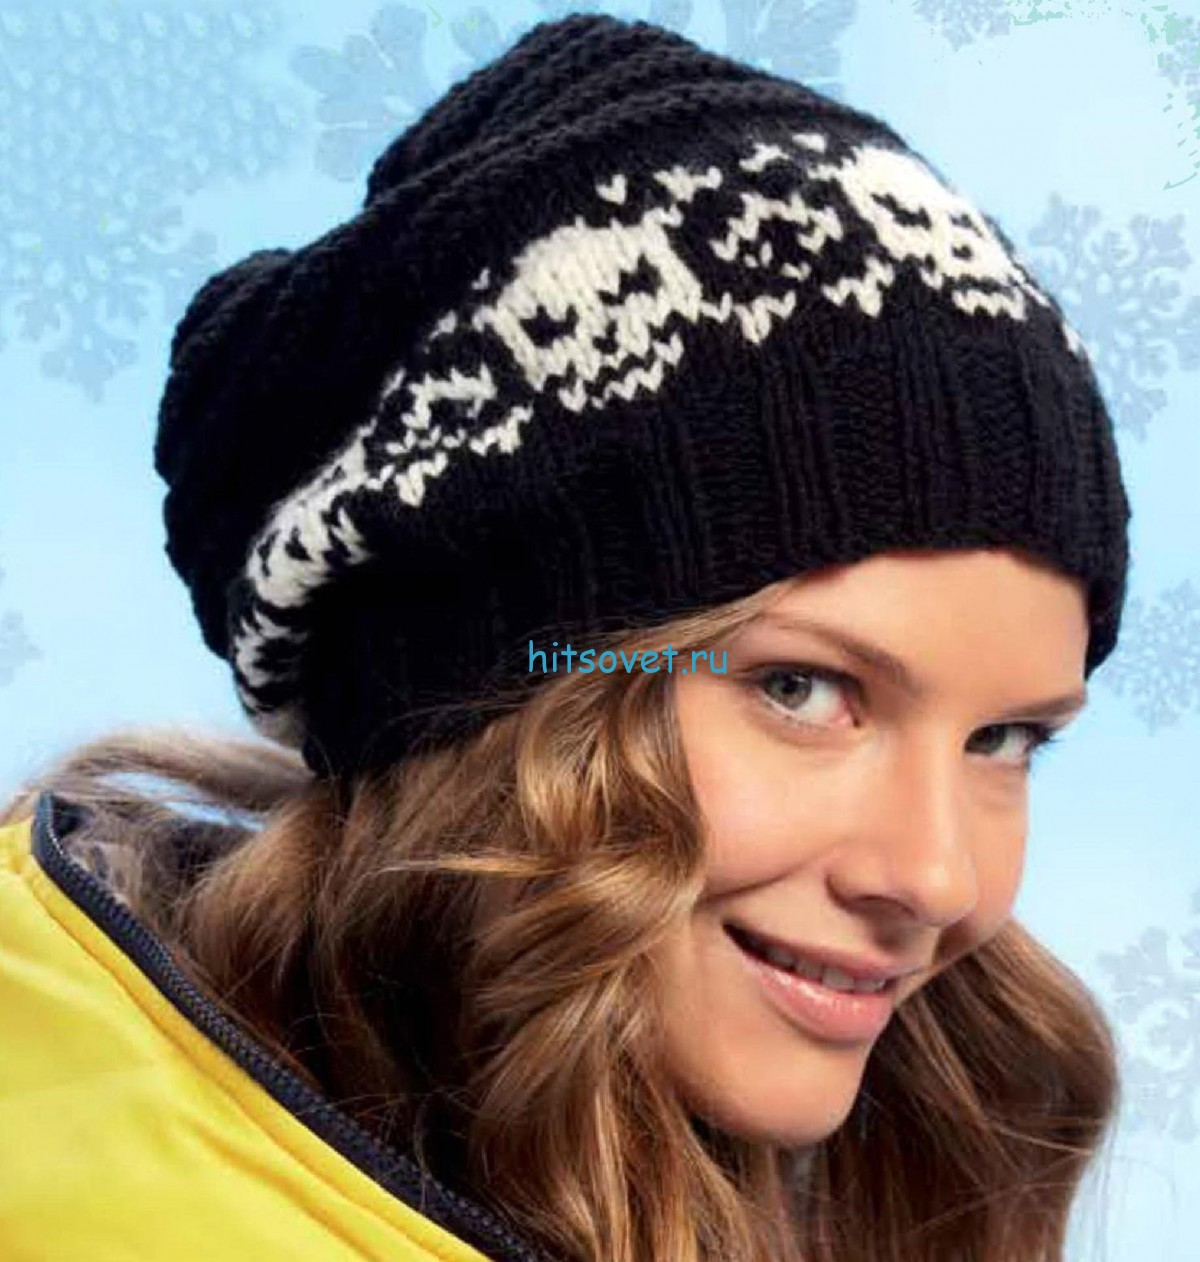 Вязание шапки бини хэллоуин, фото.